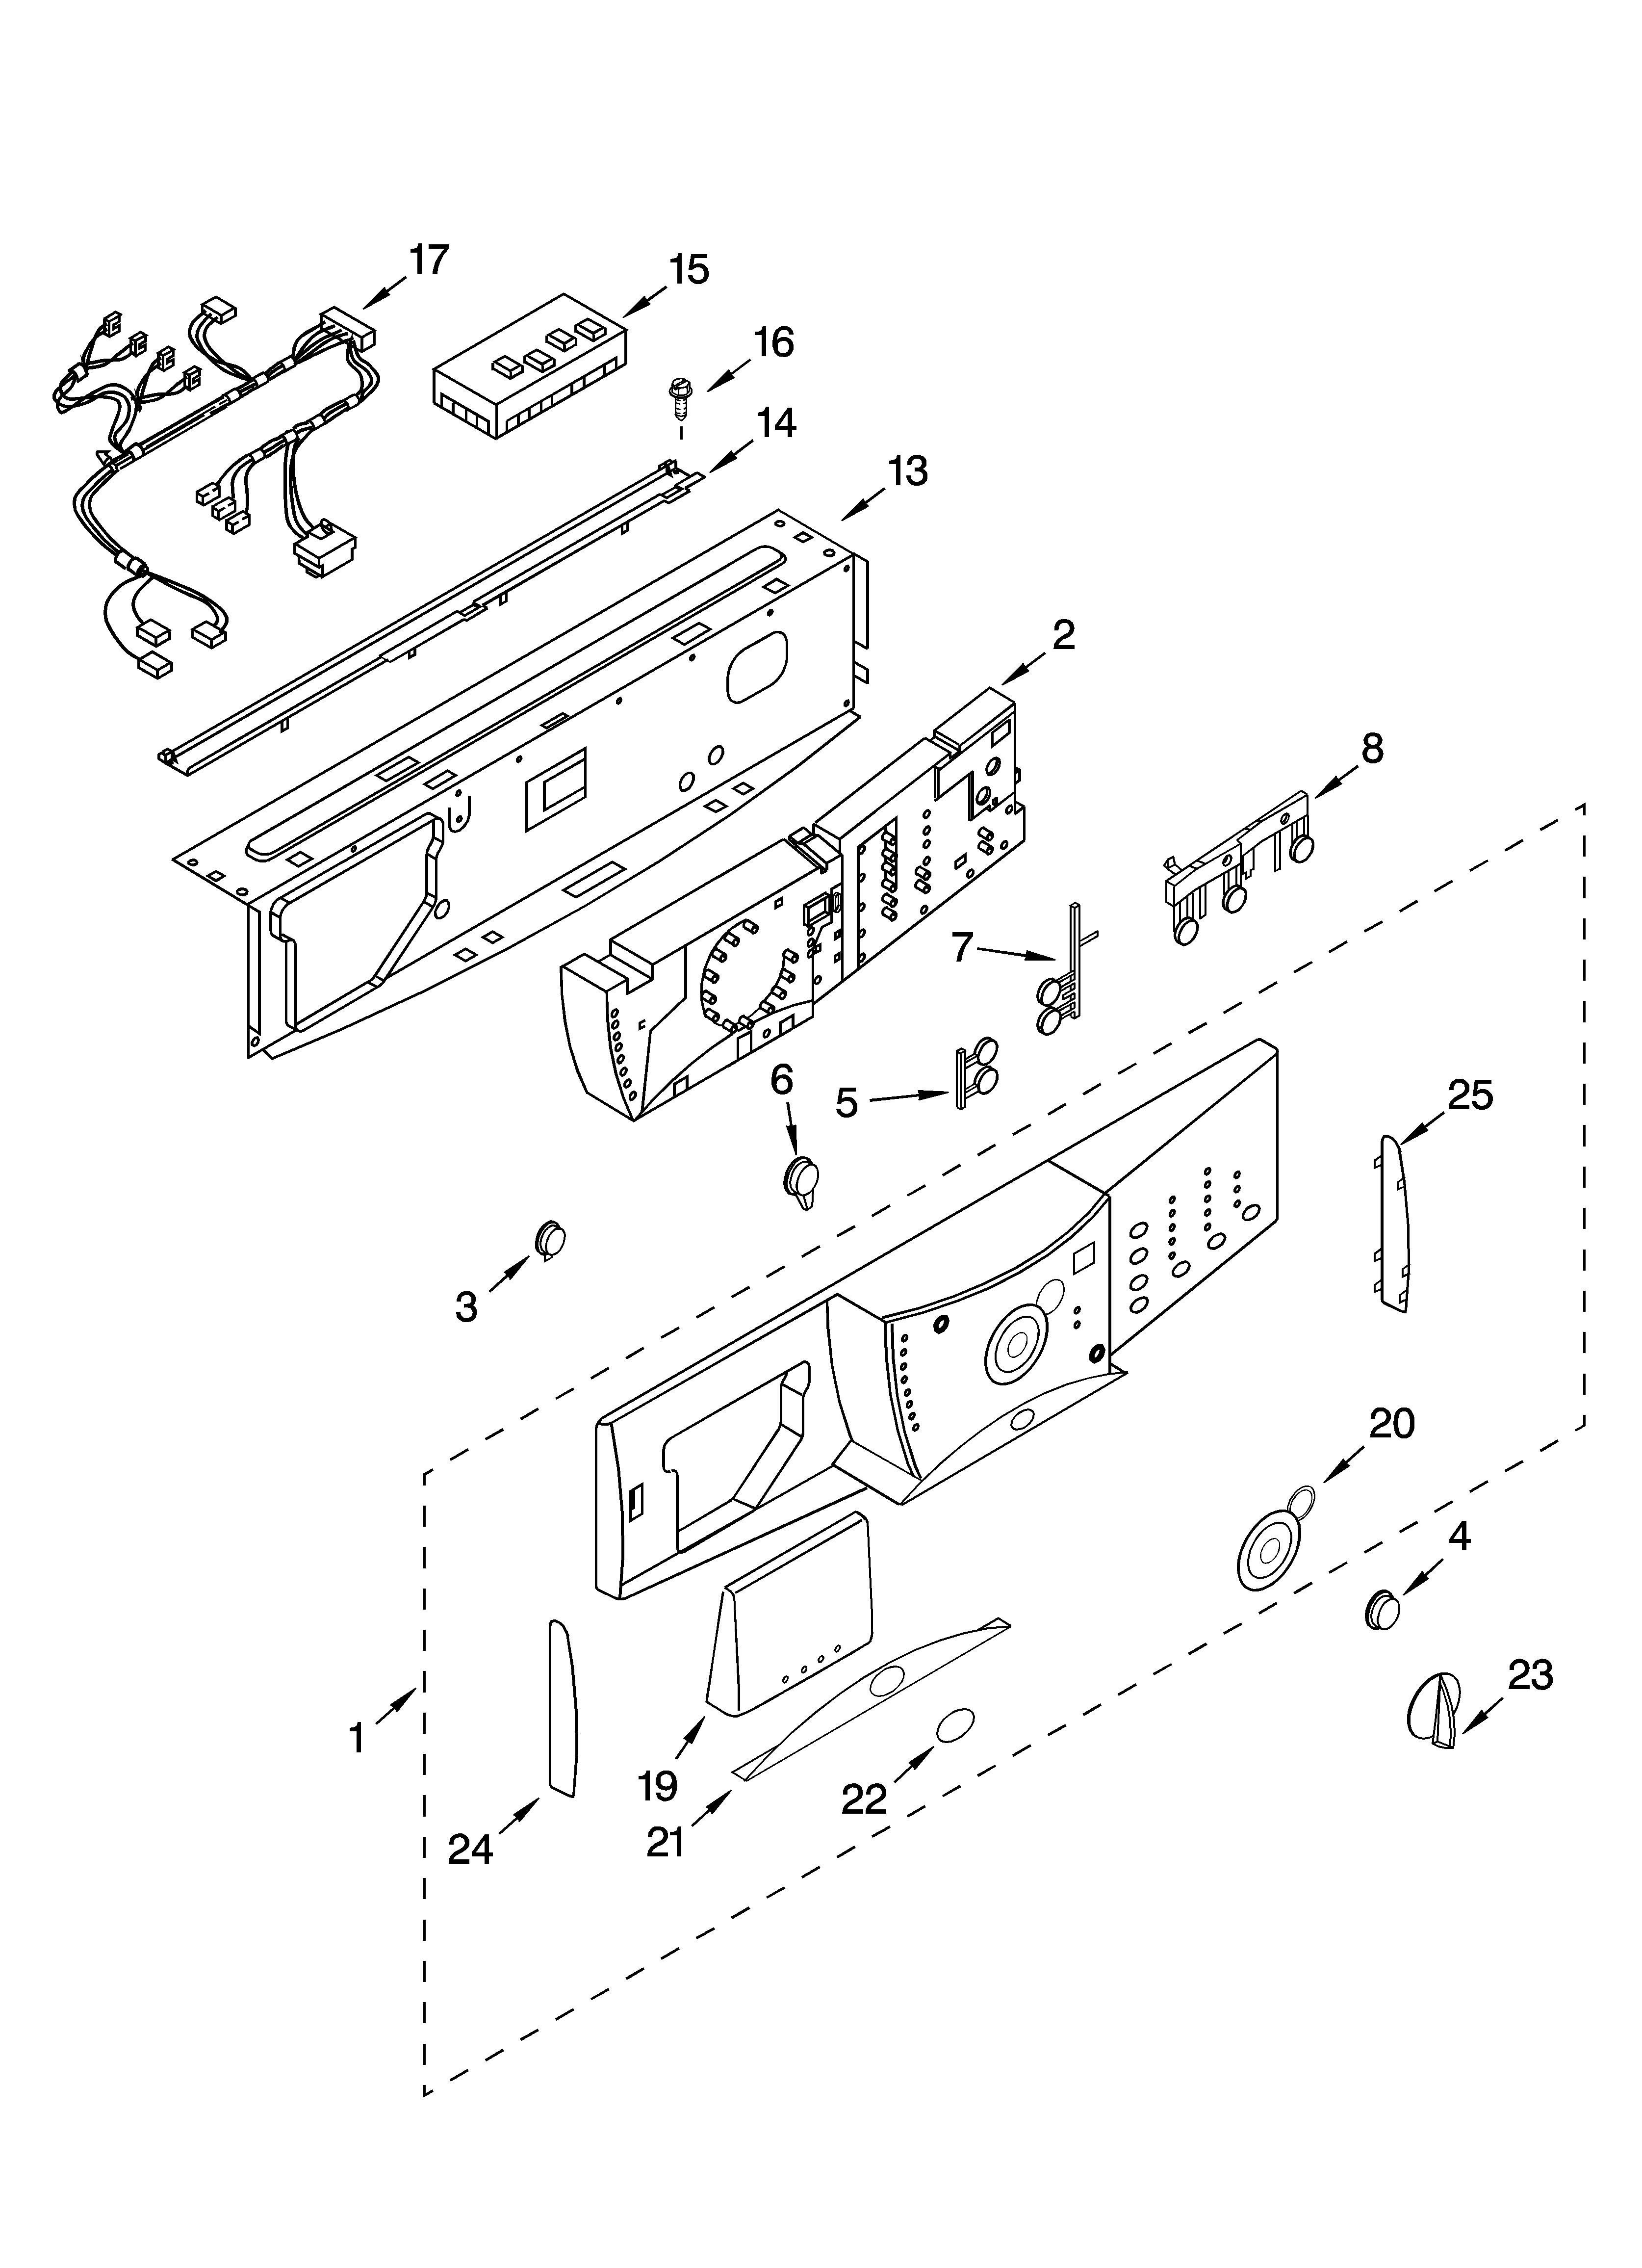 whirlpool dryer schematic wiring diagram et 8180  wiring diagram whirlpool duet dryer free diagram  wiring diagram whirlpool duet dryer